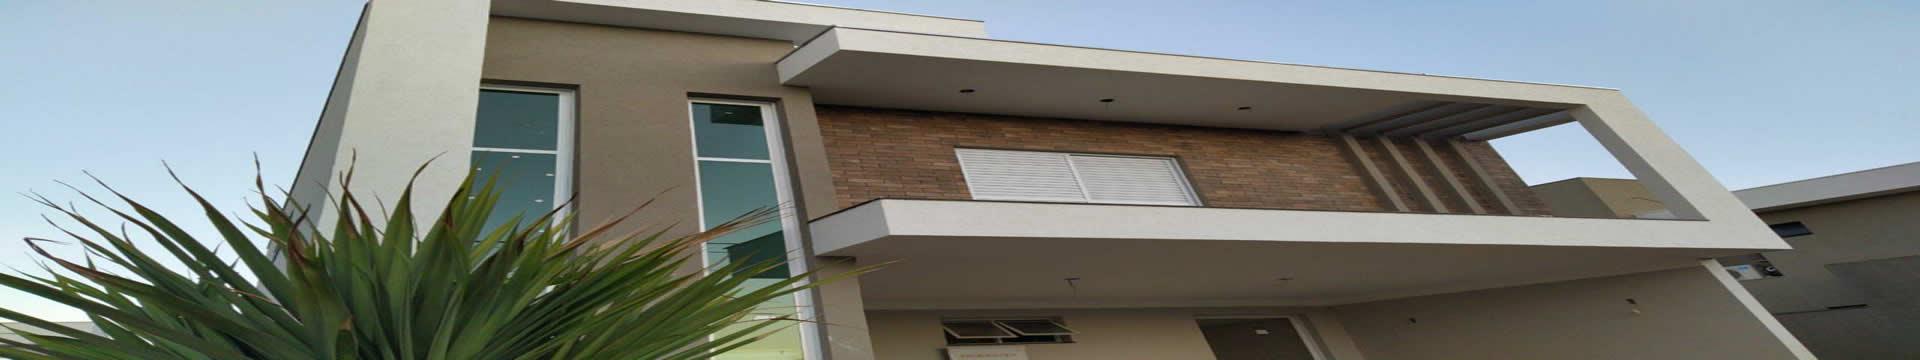 Cia de Negócios - Imobiliária em Ribeirão Preto - Casa - Recreio das Acácias - Rib Preto